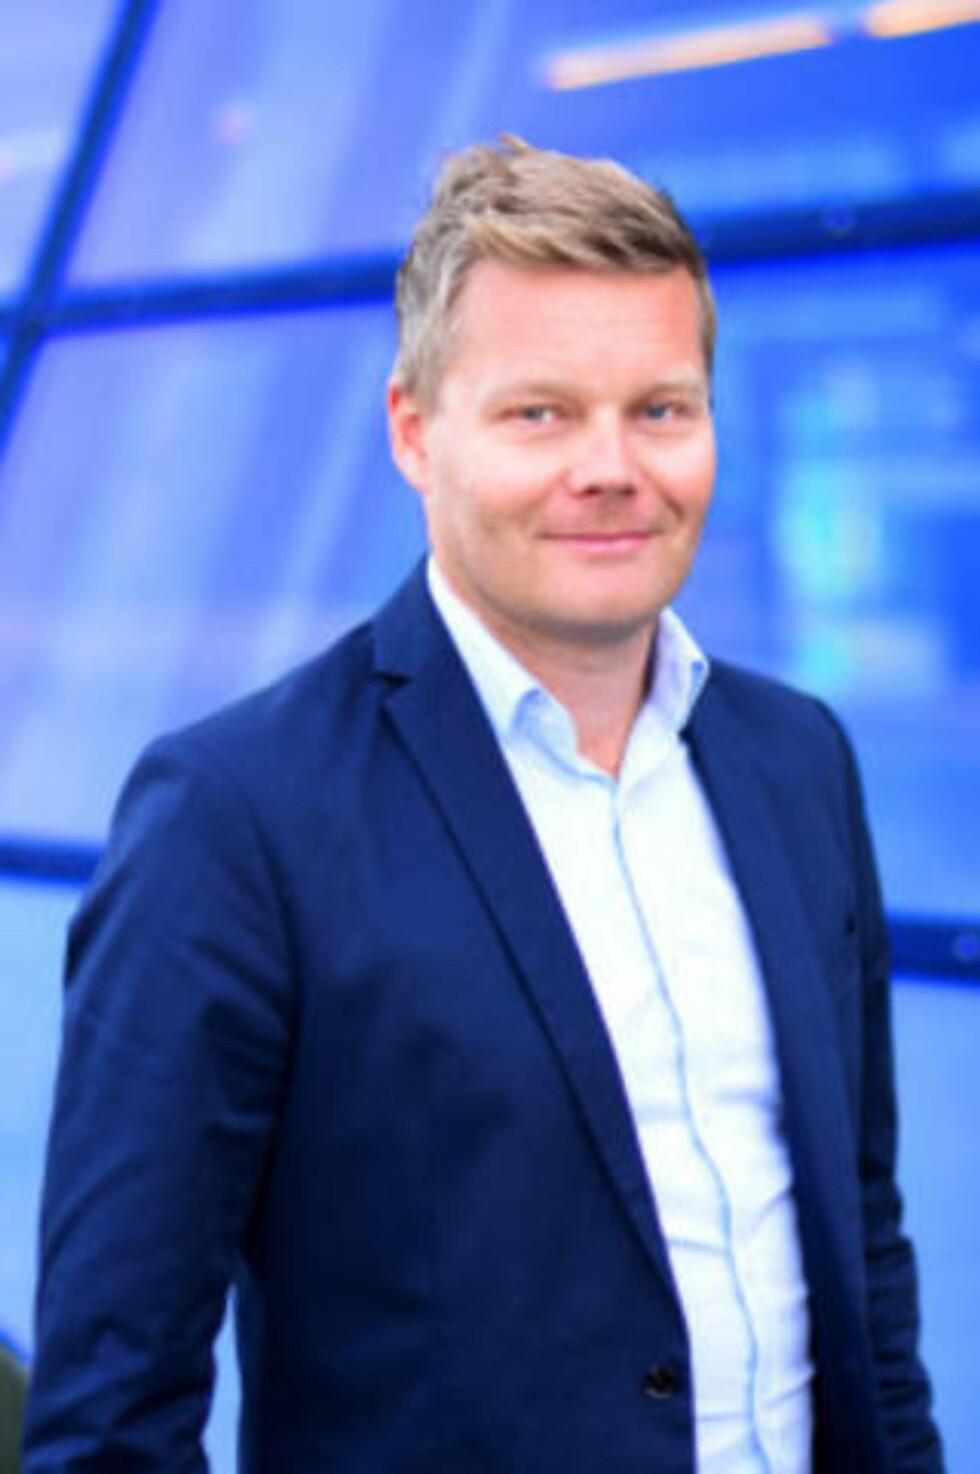 SKAL IKKE VÆRE SÅNN: Informasjonssjef Tormod Sandstø. Foto: Telenor